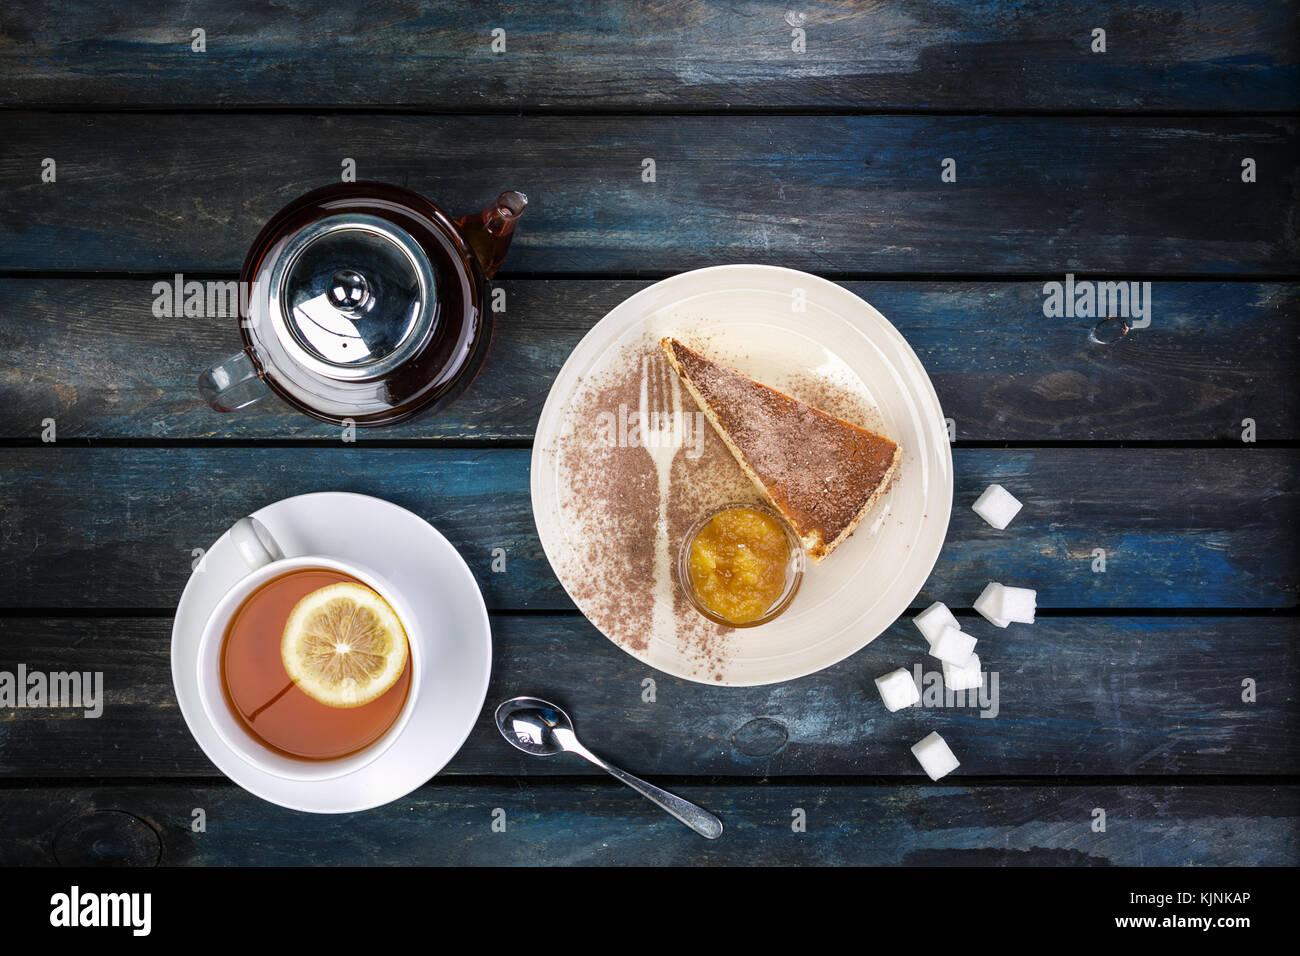 Stück Käsekuchen mit Marmelade rafinated Zucker und Tee Wasserkocher mit Zitrone auf einem farbigen Hintergrund Stockbild